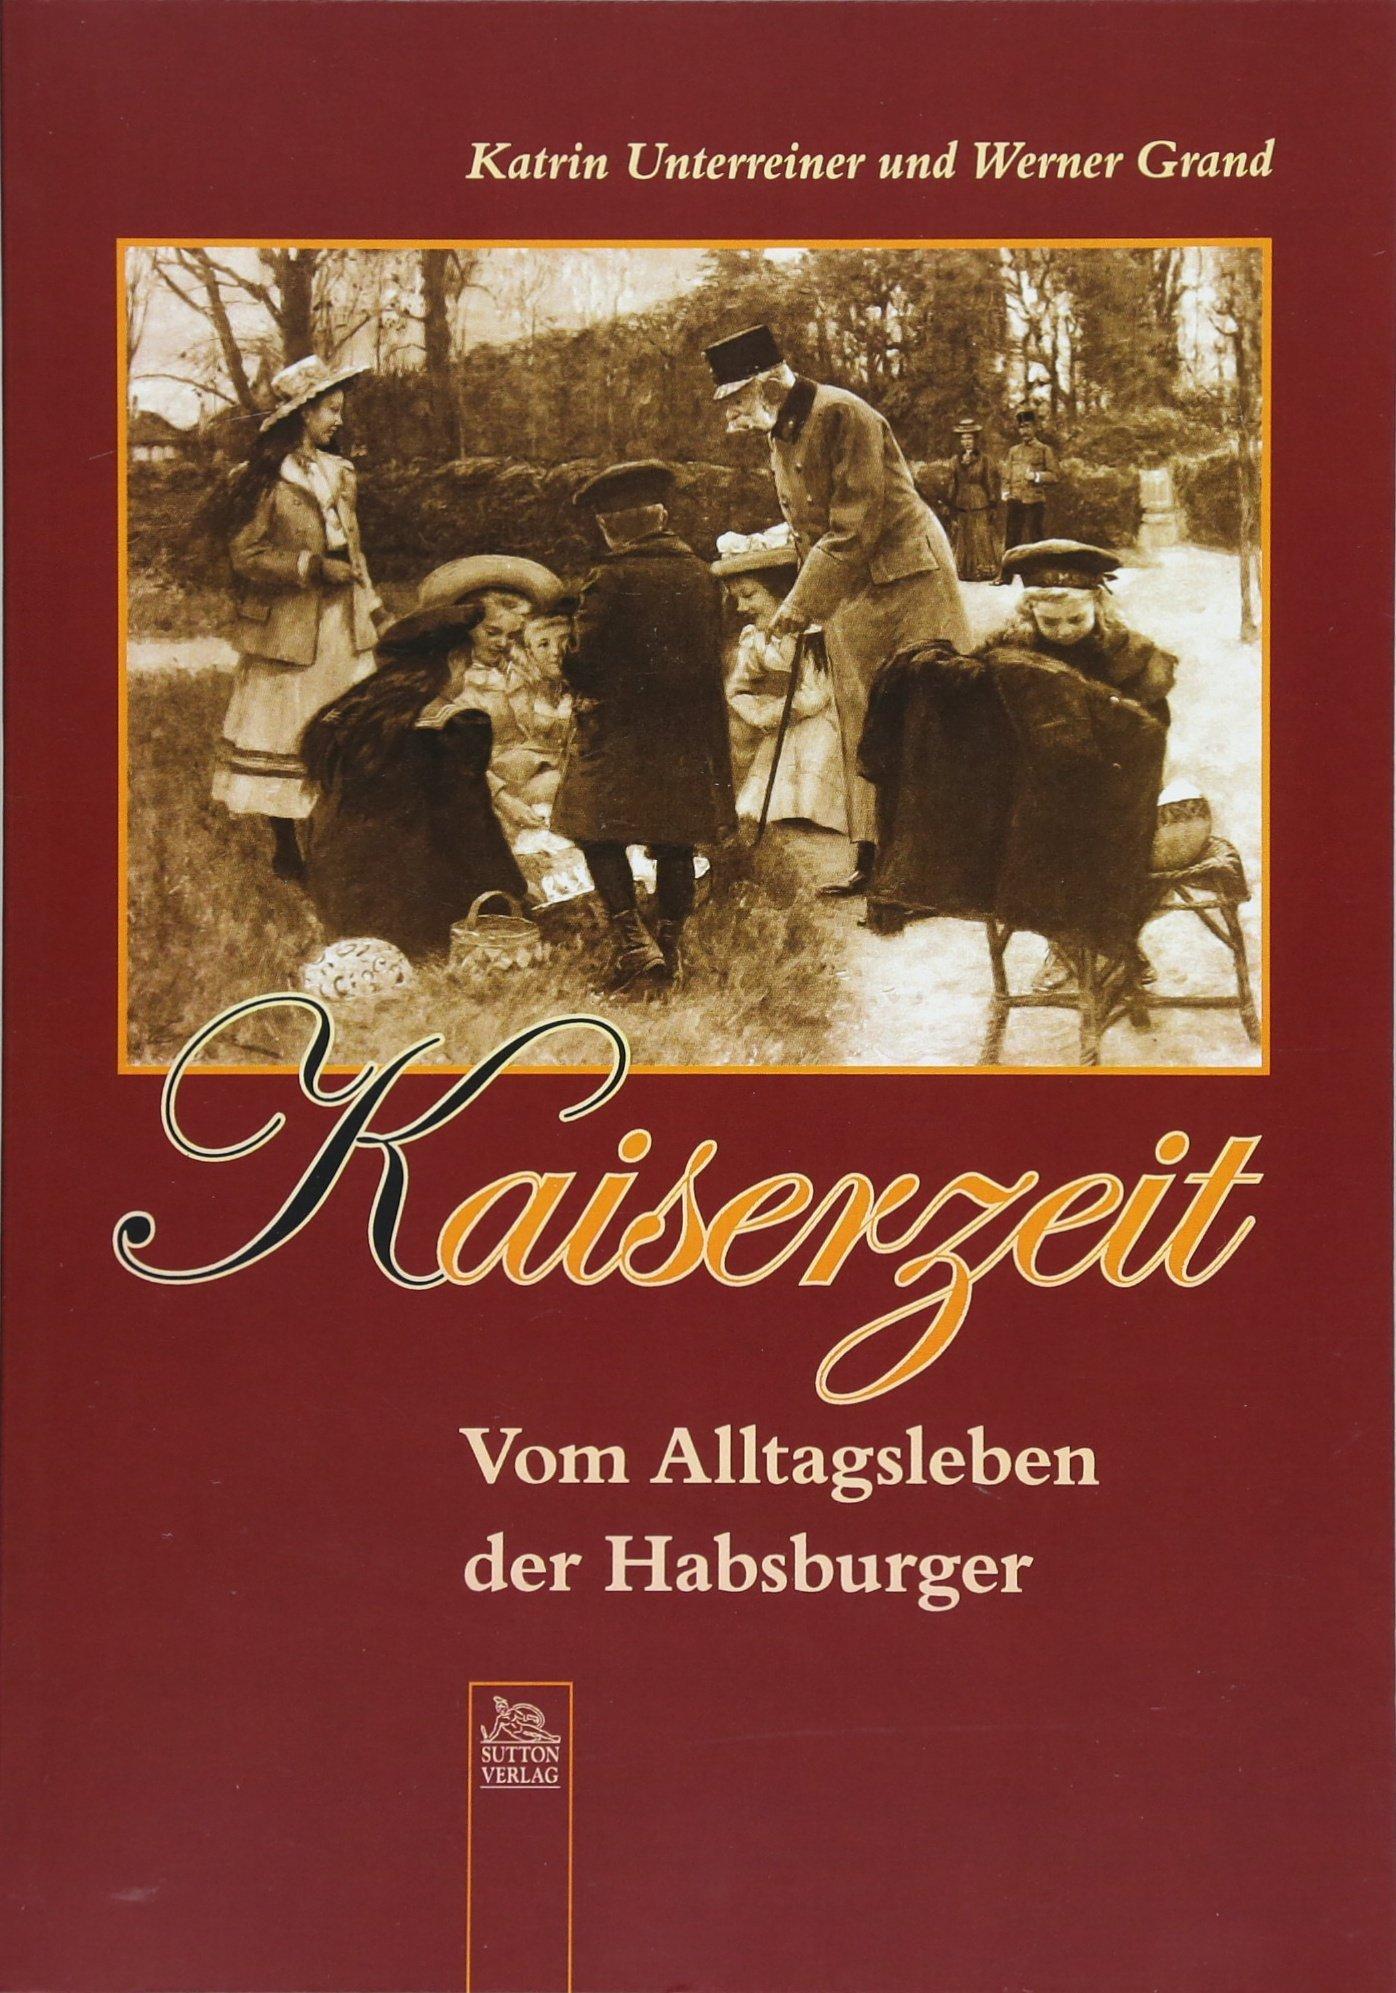 Kaiserzeit. Vom Alltagsleben der Habsburger, 200 zumeist unveröffentllchte Fotografien aus der Zeit Kaiser Franz Josephs am Wiener Hof